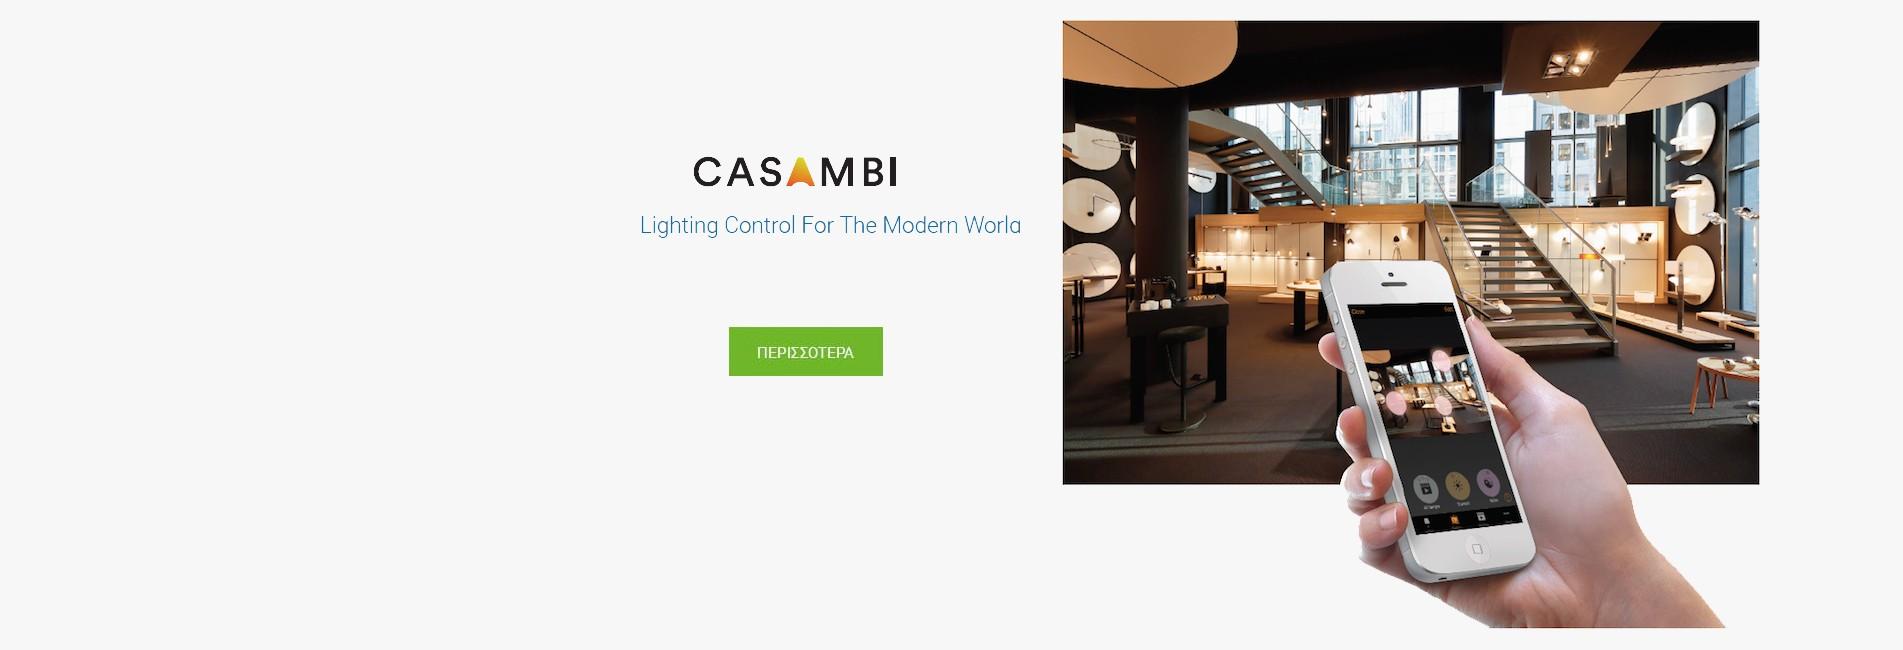 Cosmotronic Casambi